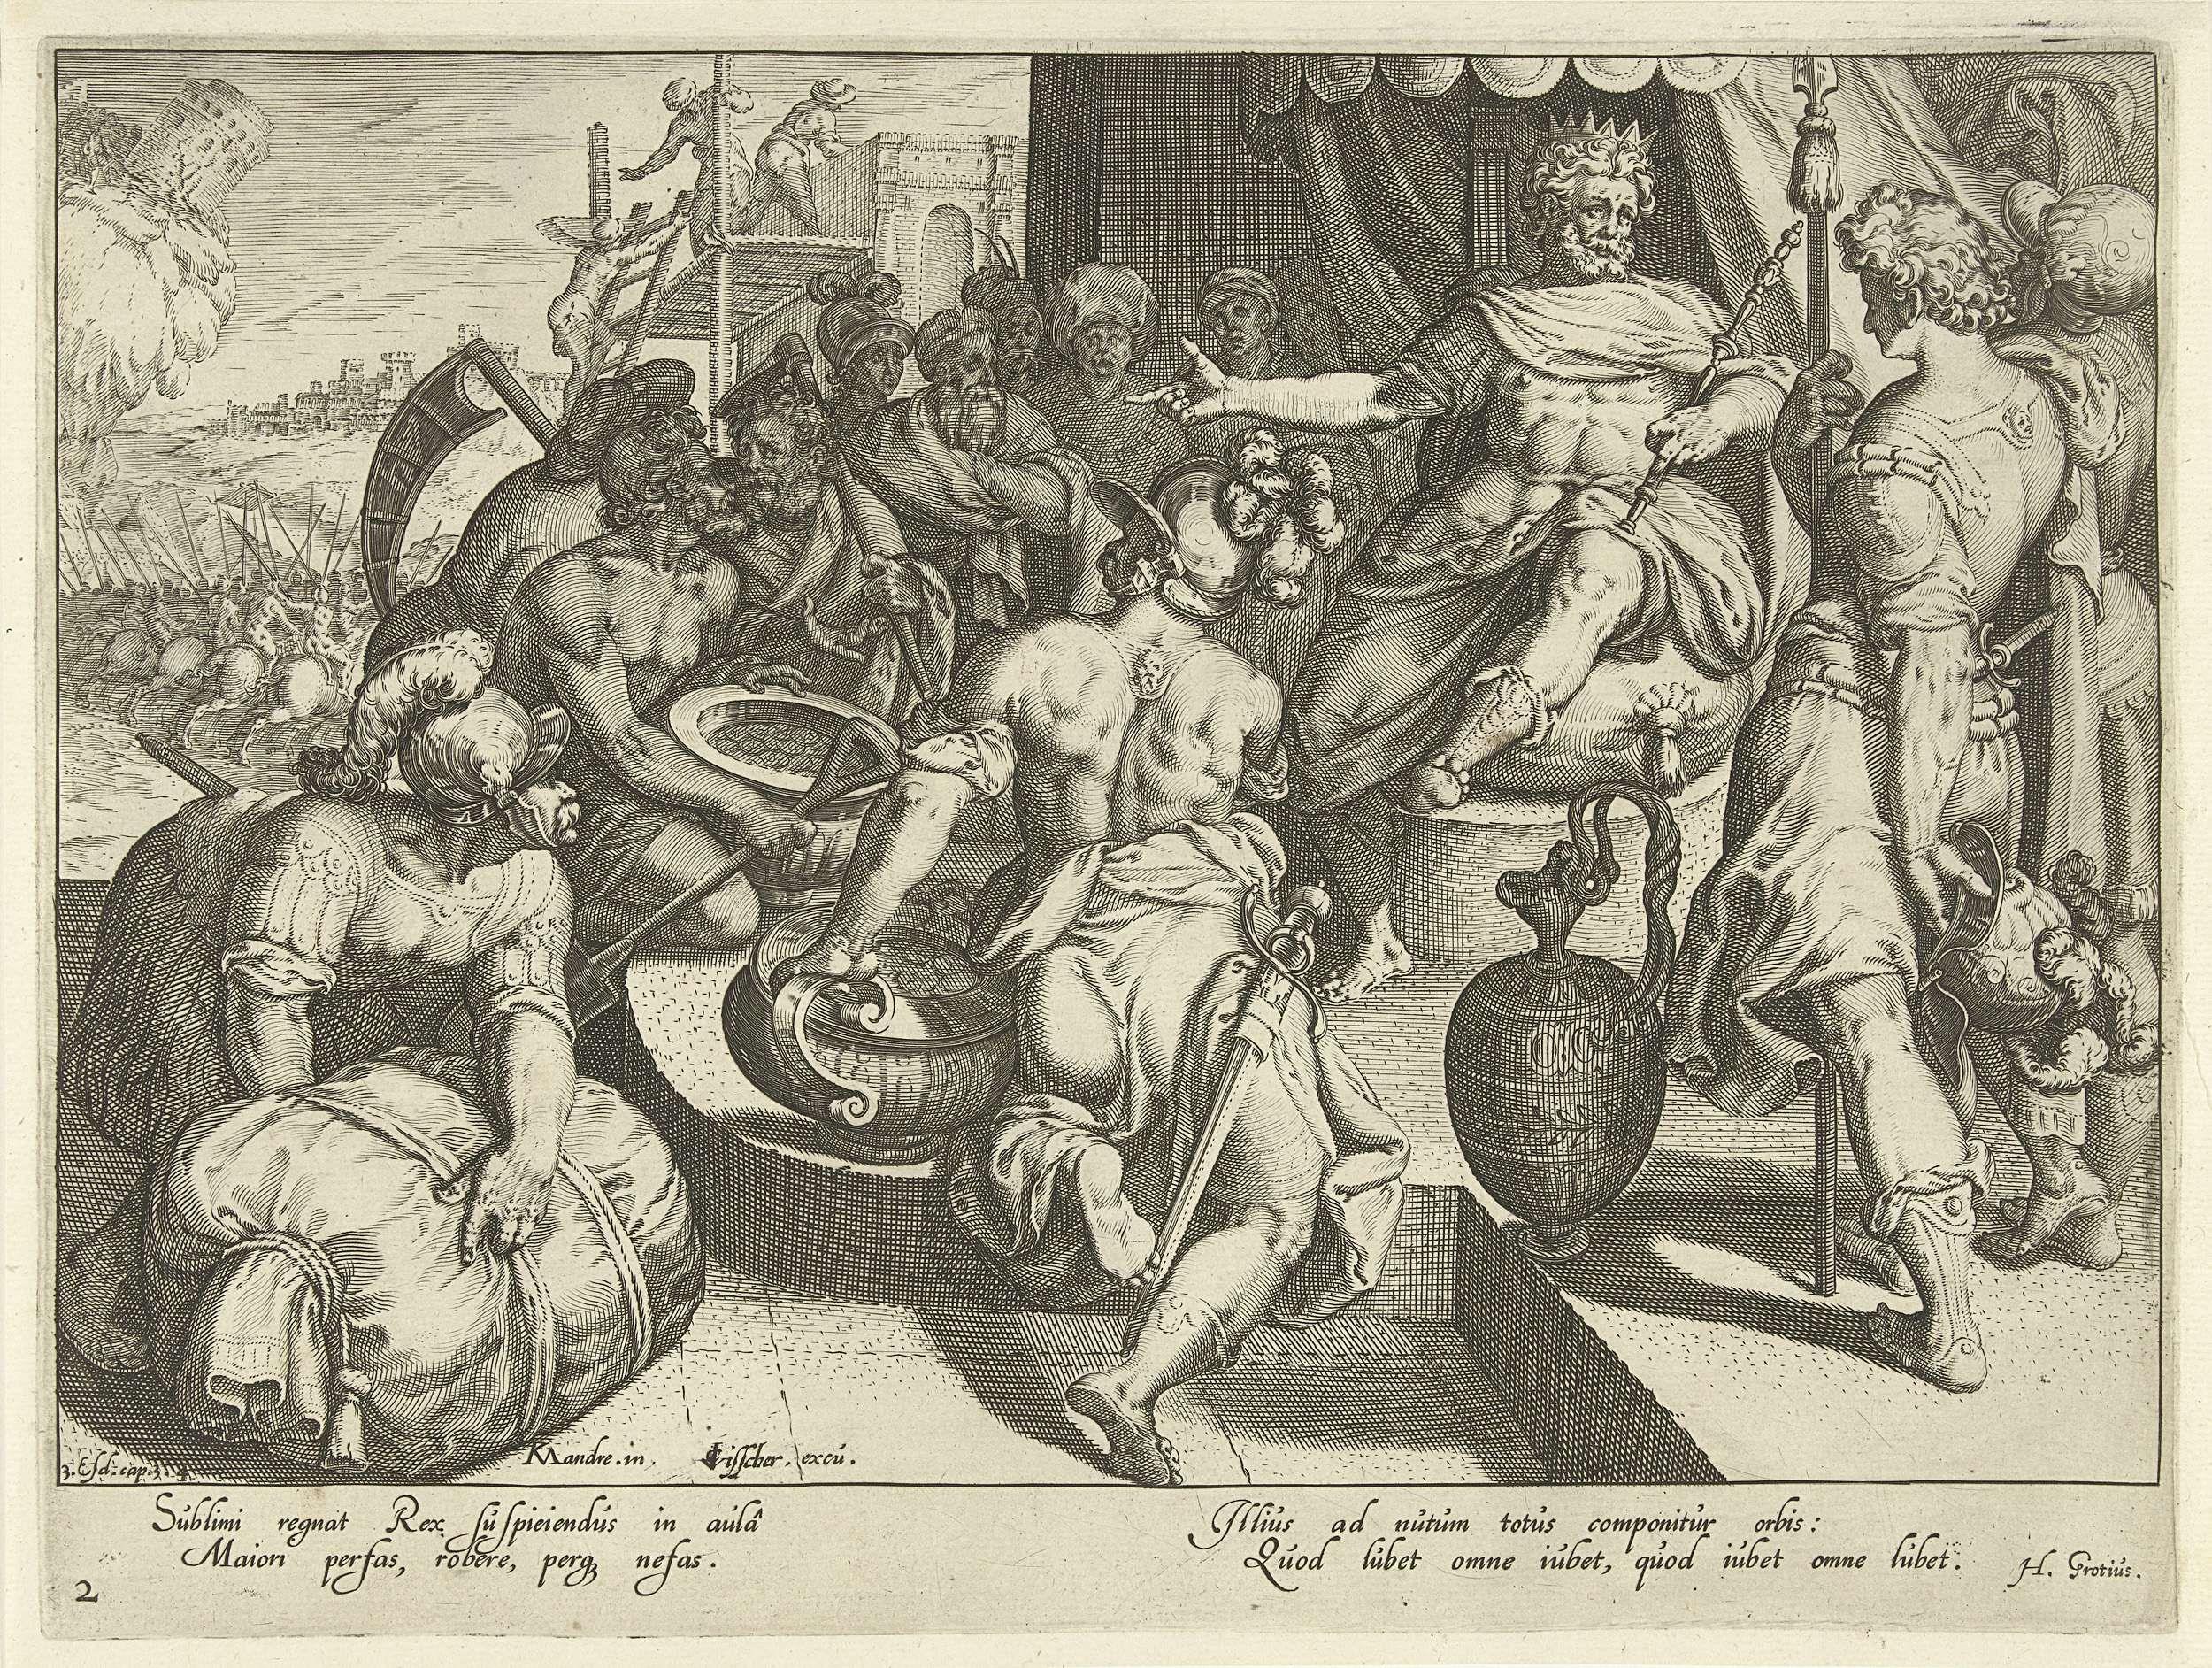 Zacharias Dolendo | De koning als sterkste in de wereld, Zacharias Dolendo, Claes Jansz. Visscher (II), Hugo de Groot, 1595 - 1596 | Verschillende personen brengen hun schatten naar de koning die op zijn troon zit. Twee mannen dragen grote vazen met munten, een andere man brengt een baal dure stoffen. Op de achtergrond wordt een nieuw paleis gebouwd en trekt een leger ten strijde. Voorstelling uit het boek 3 Ezra 3-4.